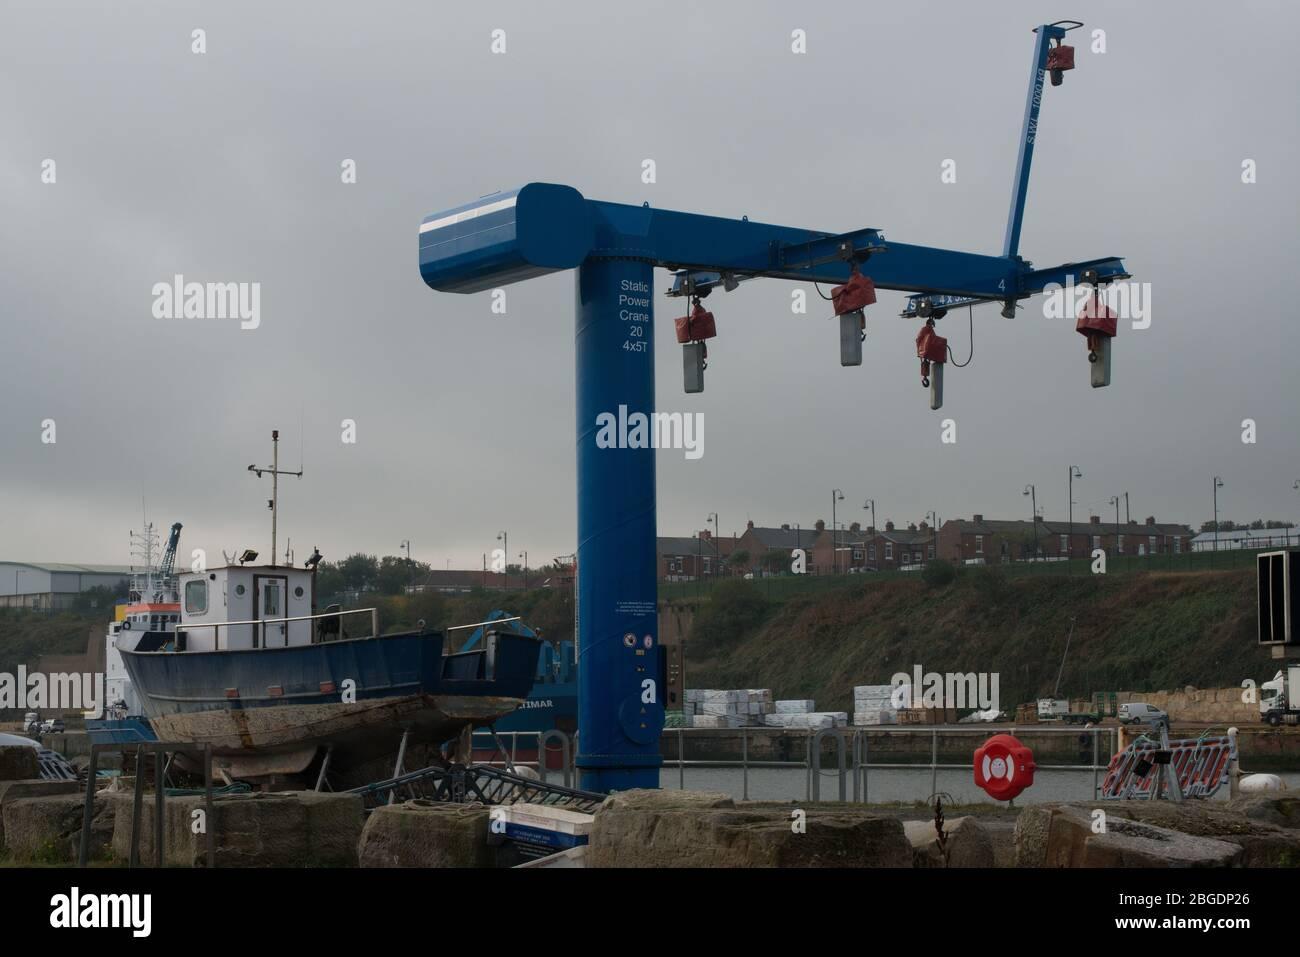 Grúa eléctrica estática en el puerto de Seaham con un pequeño barco levantado en el muelle y la vivienda en terrazas de la ciudad en el fondo Foto de stock